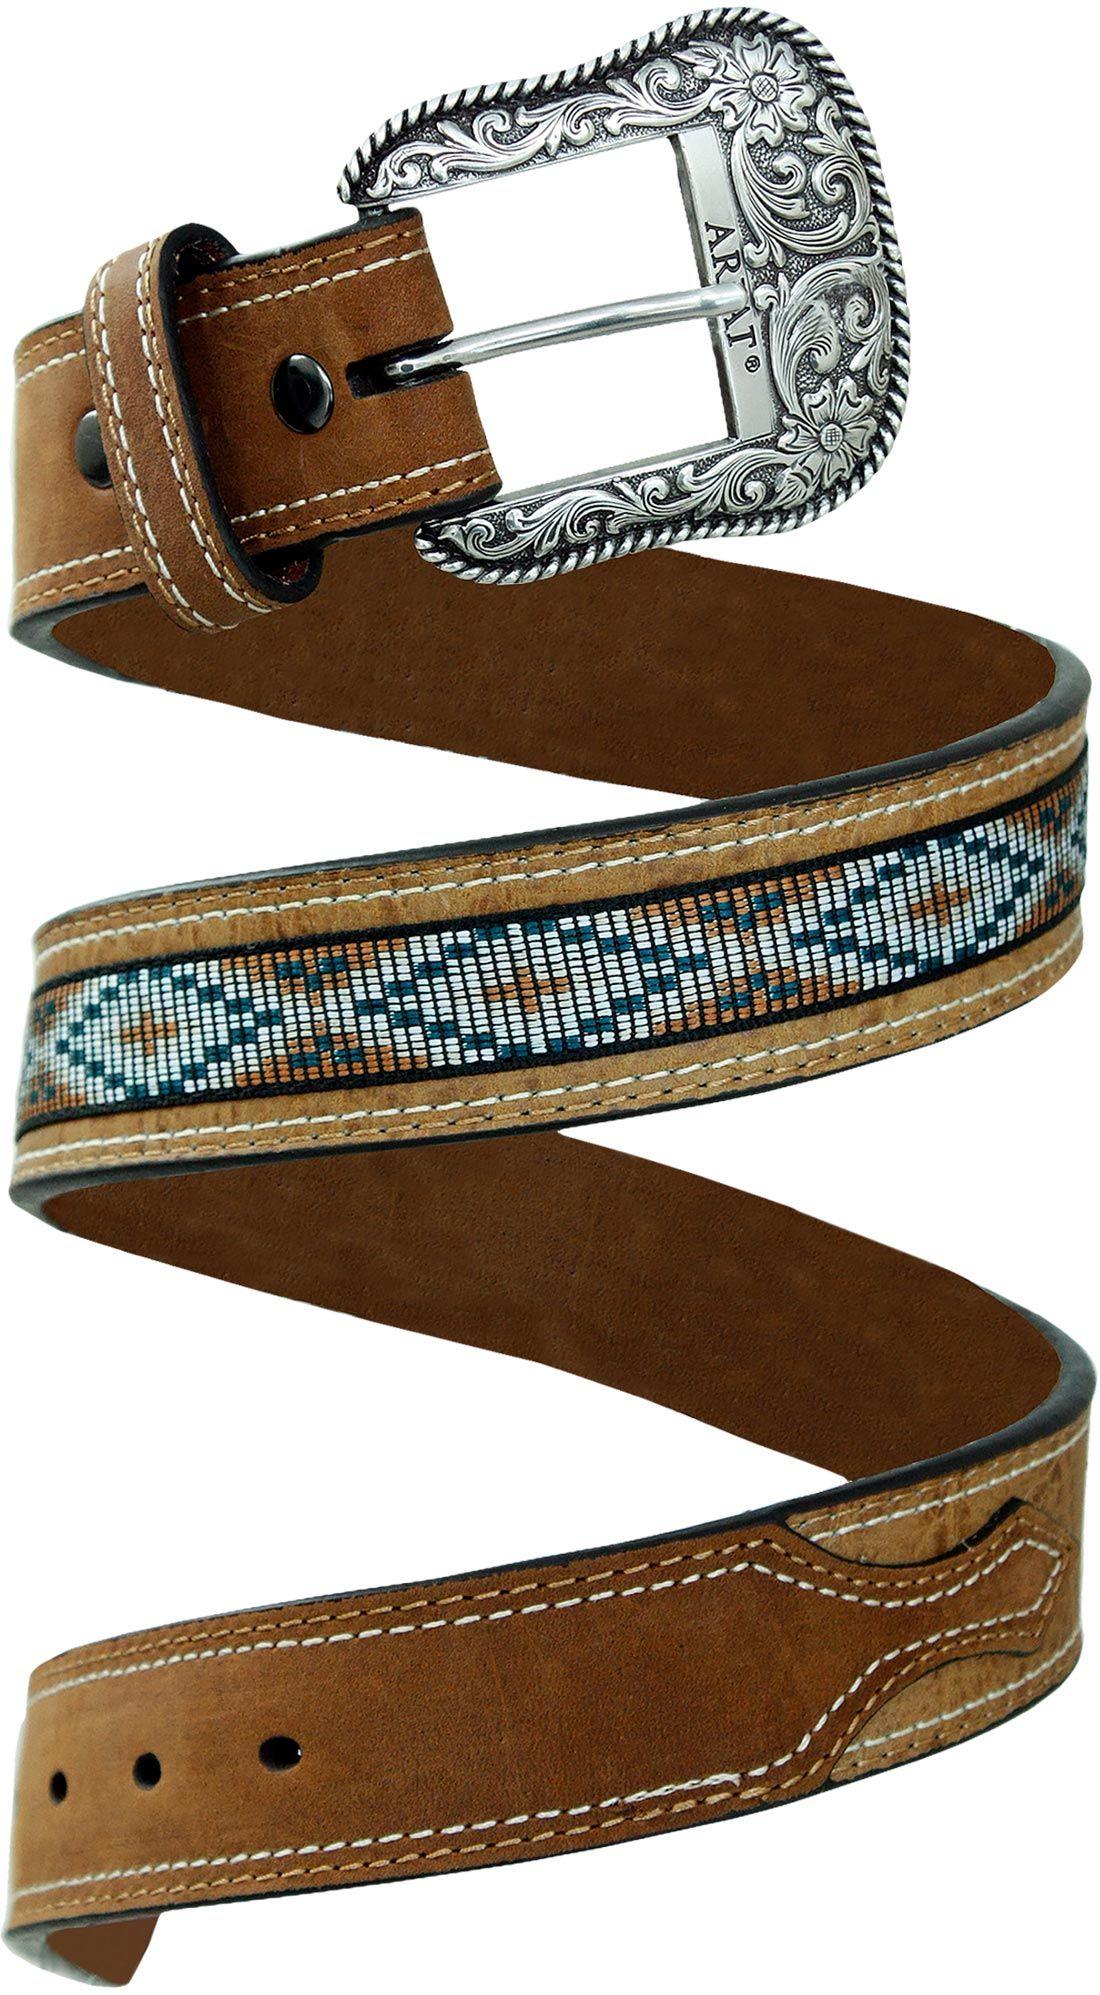 5a31e19c1 Cinto Ariat Indígena Masculino com Rebites cinto masculino Ariat em couro  com desenho estilo indígena e